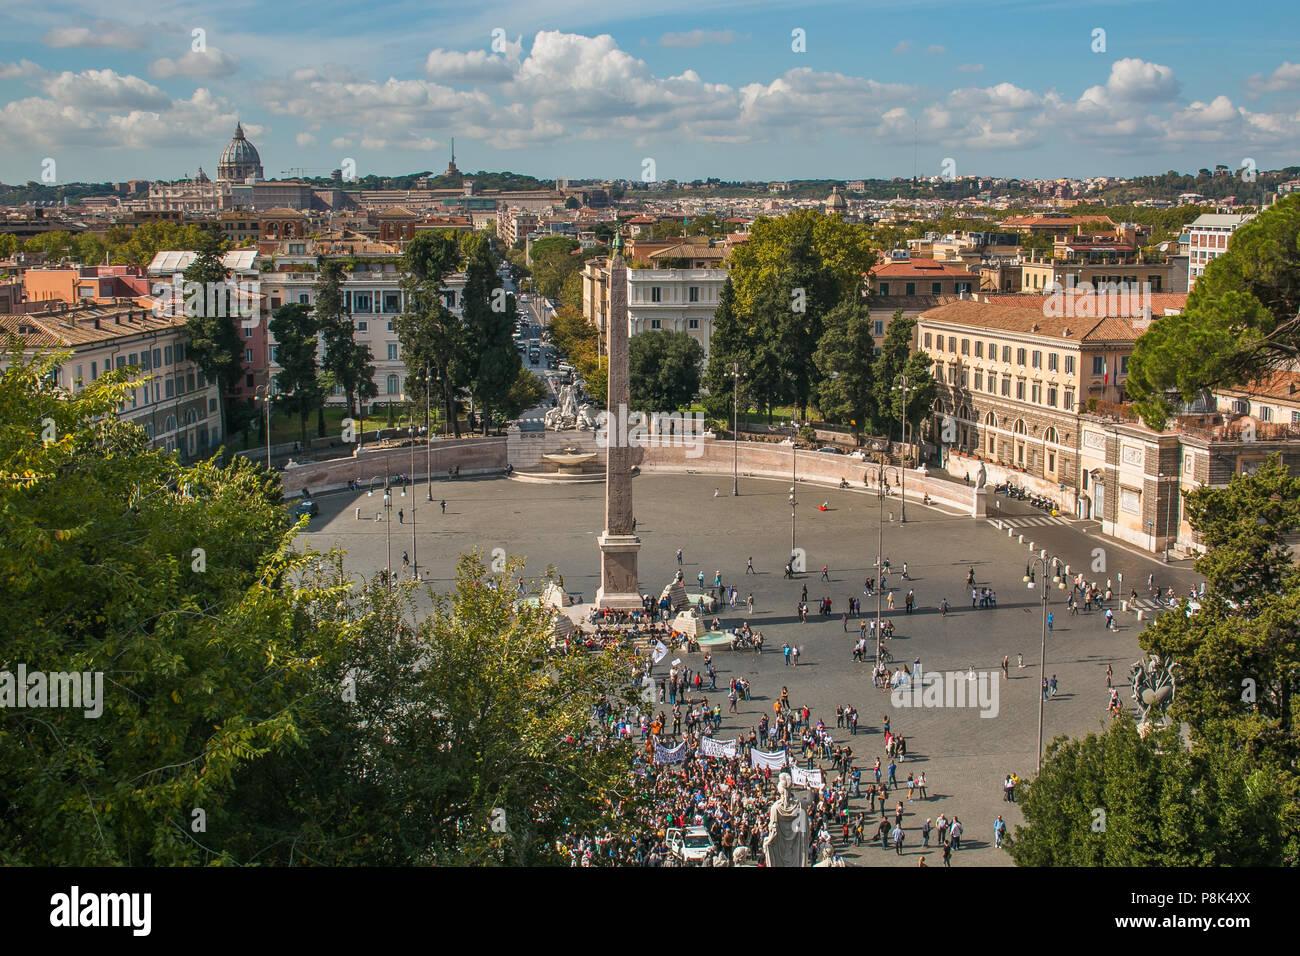 ROME, ITALIE - 10 octobre 2017: Vue aérienne de la Piazza del Popolo à Rome, Italie Banque D'Images